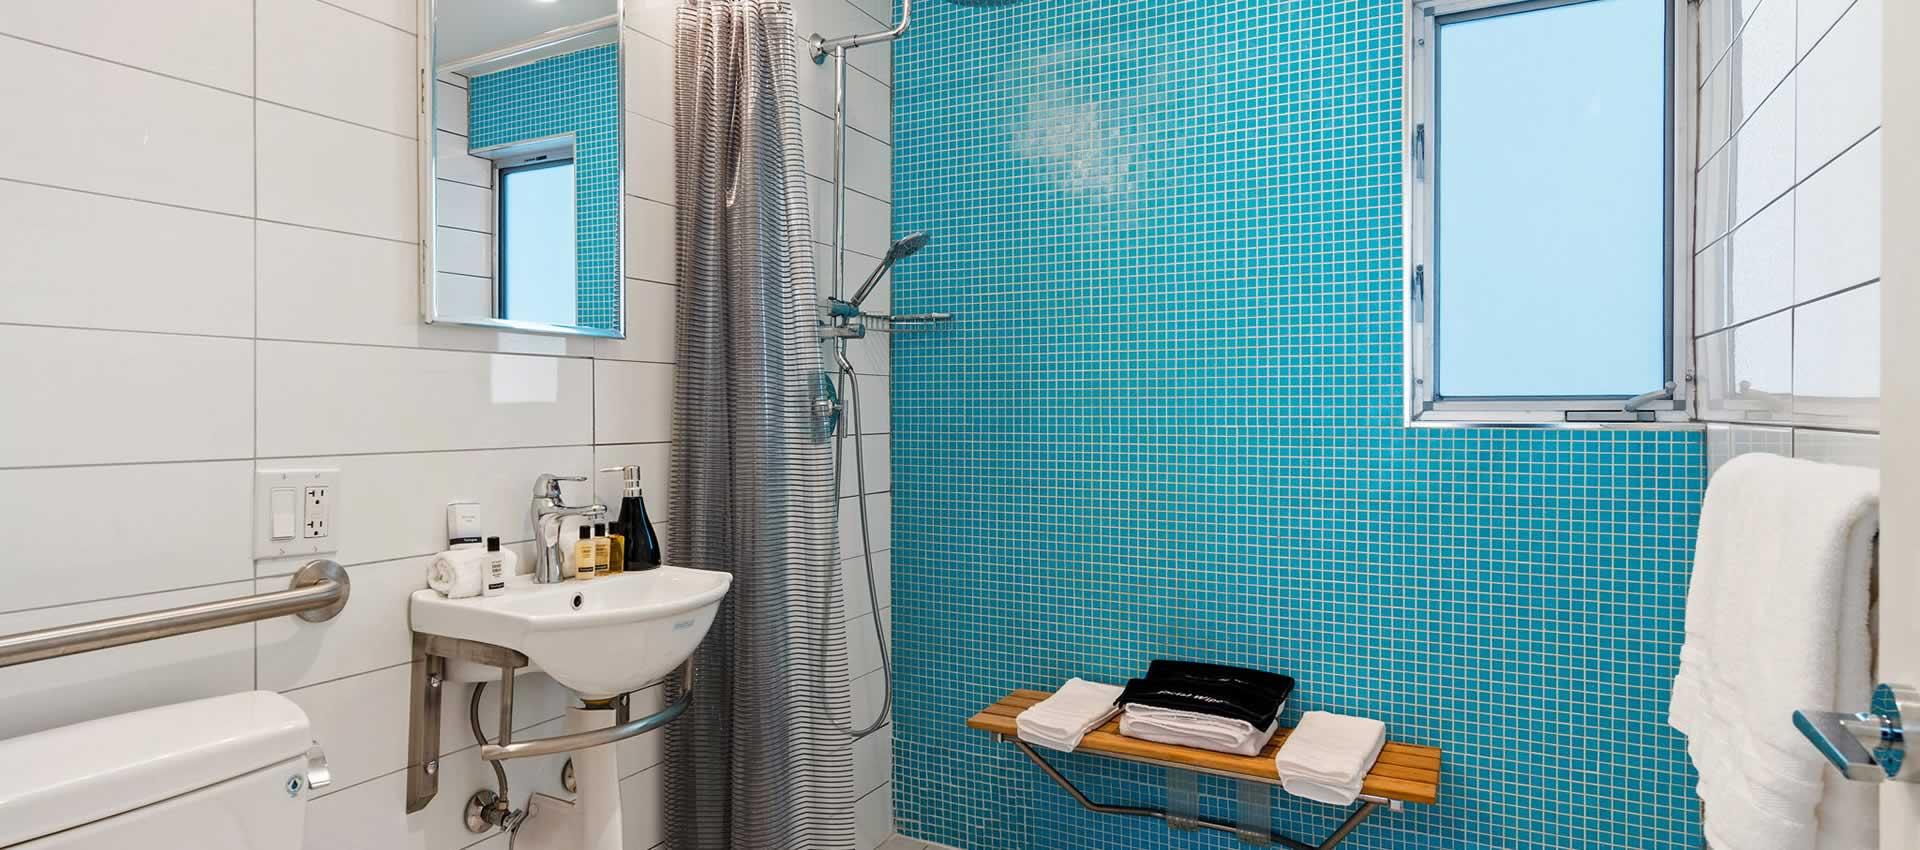 Studio 103 bright modern bathroom witl teal tile shower